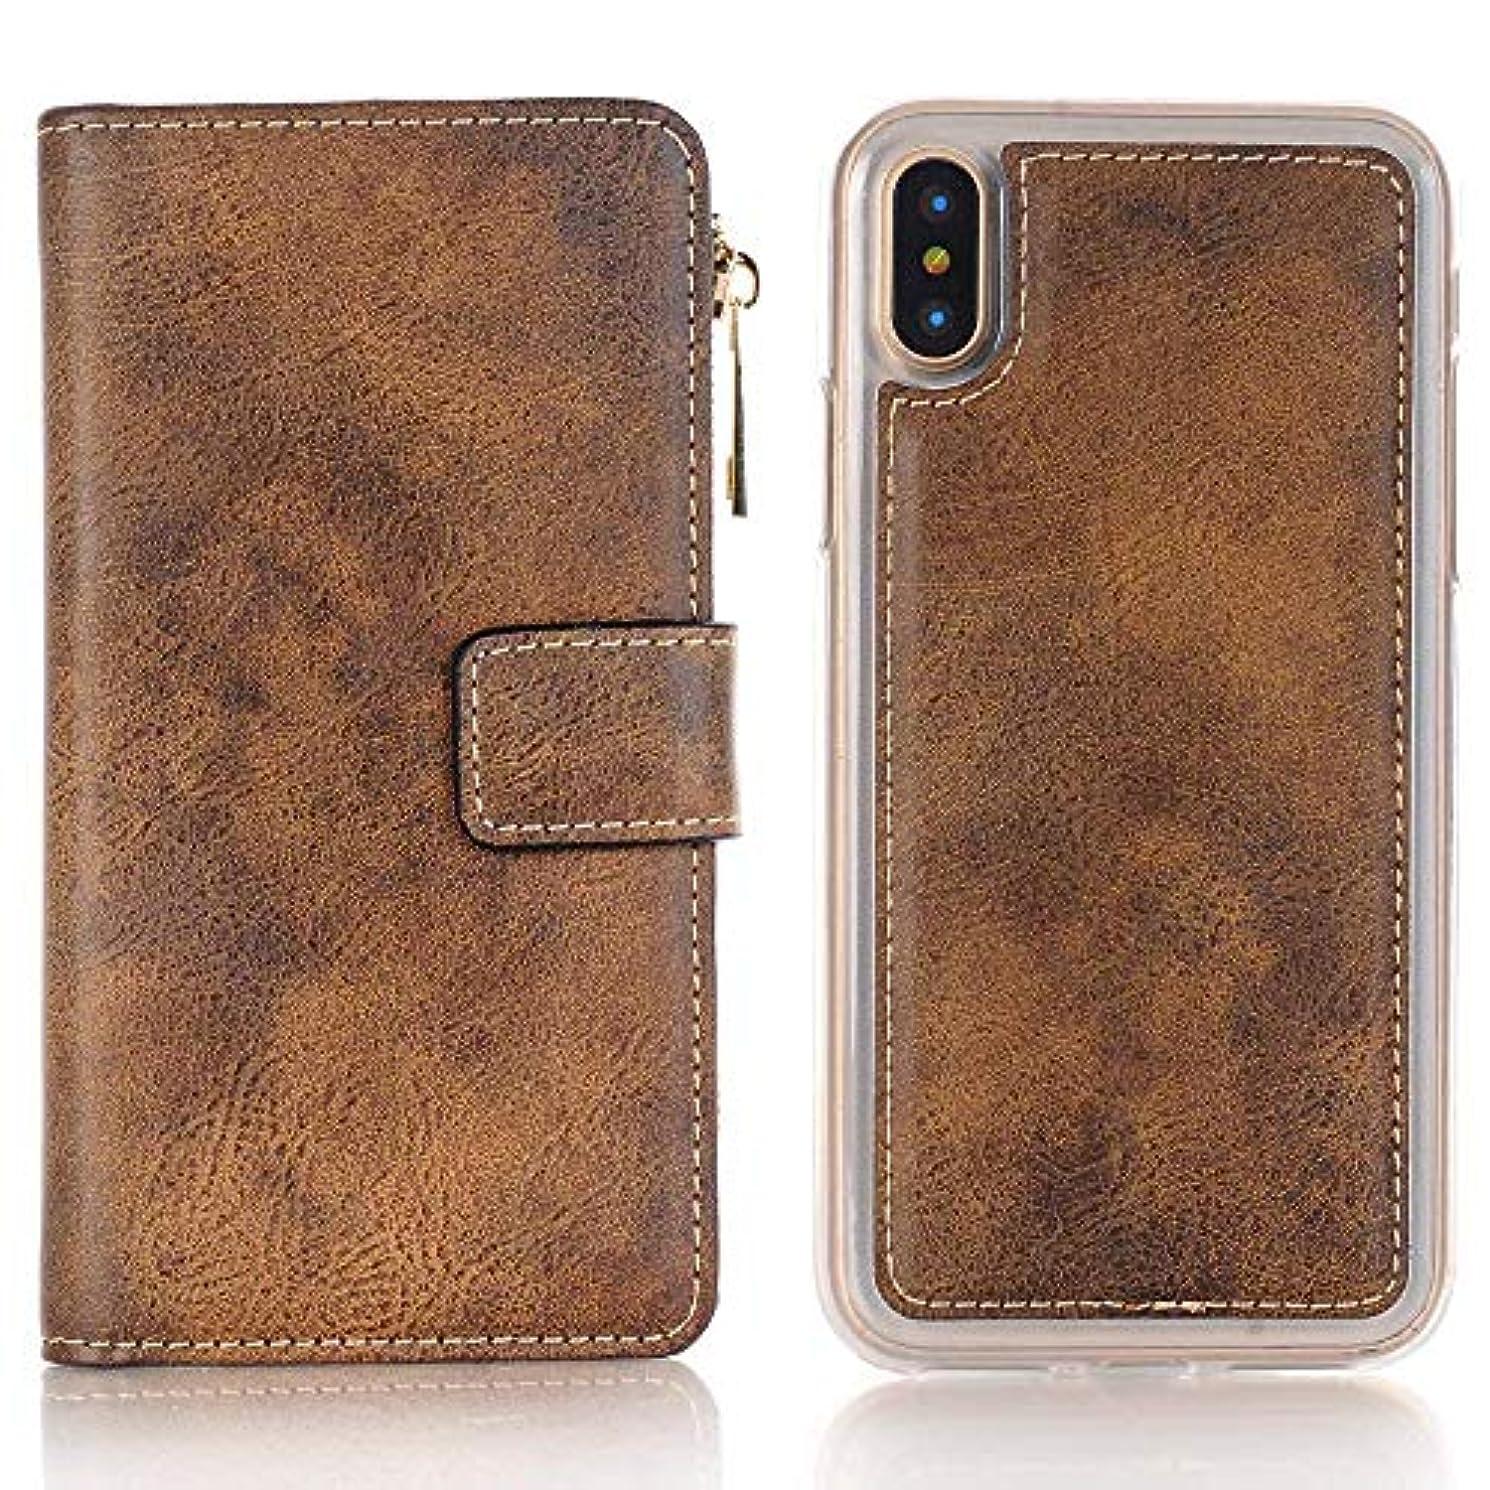 したい懐疑論胸iPhone ケース 手帳型 INorton 全面保護カバー 耐衝撃 レンズ保護 カード収納 分離式 高品質レザー シリコン 軽量 マグネット式